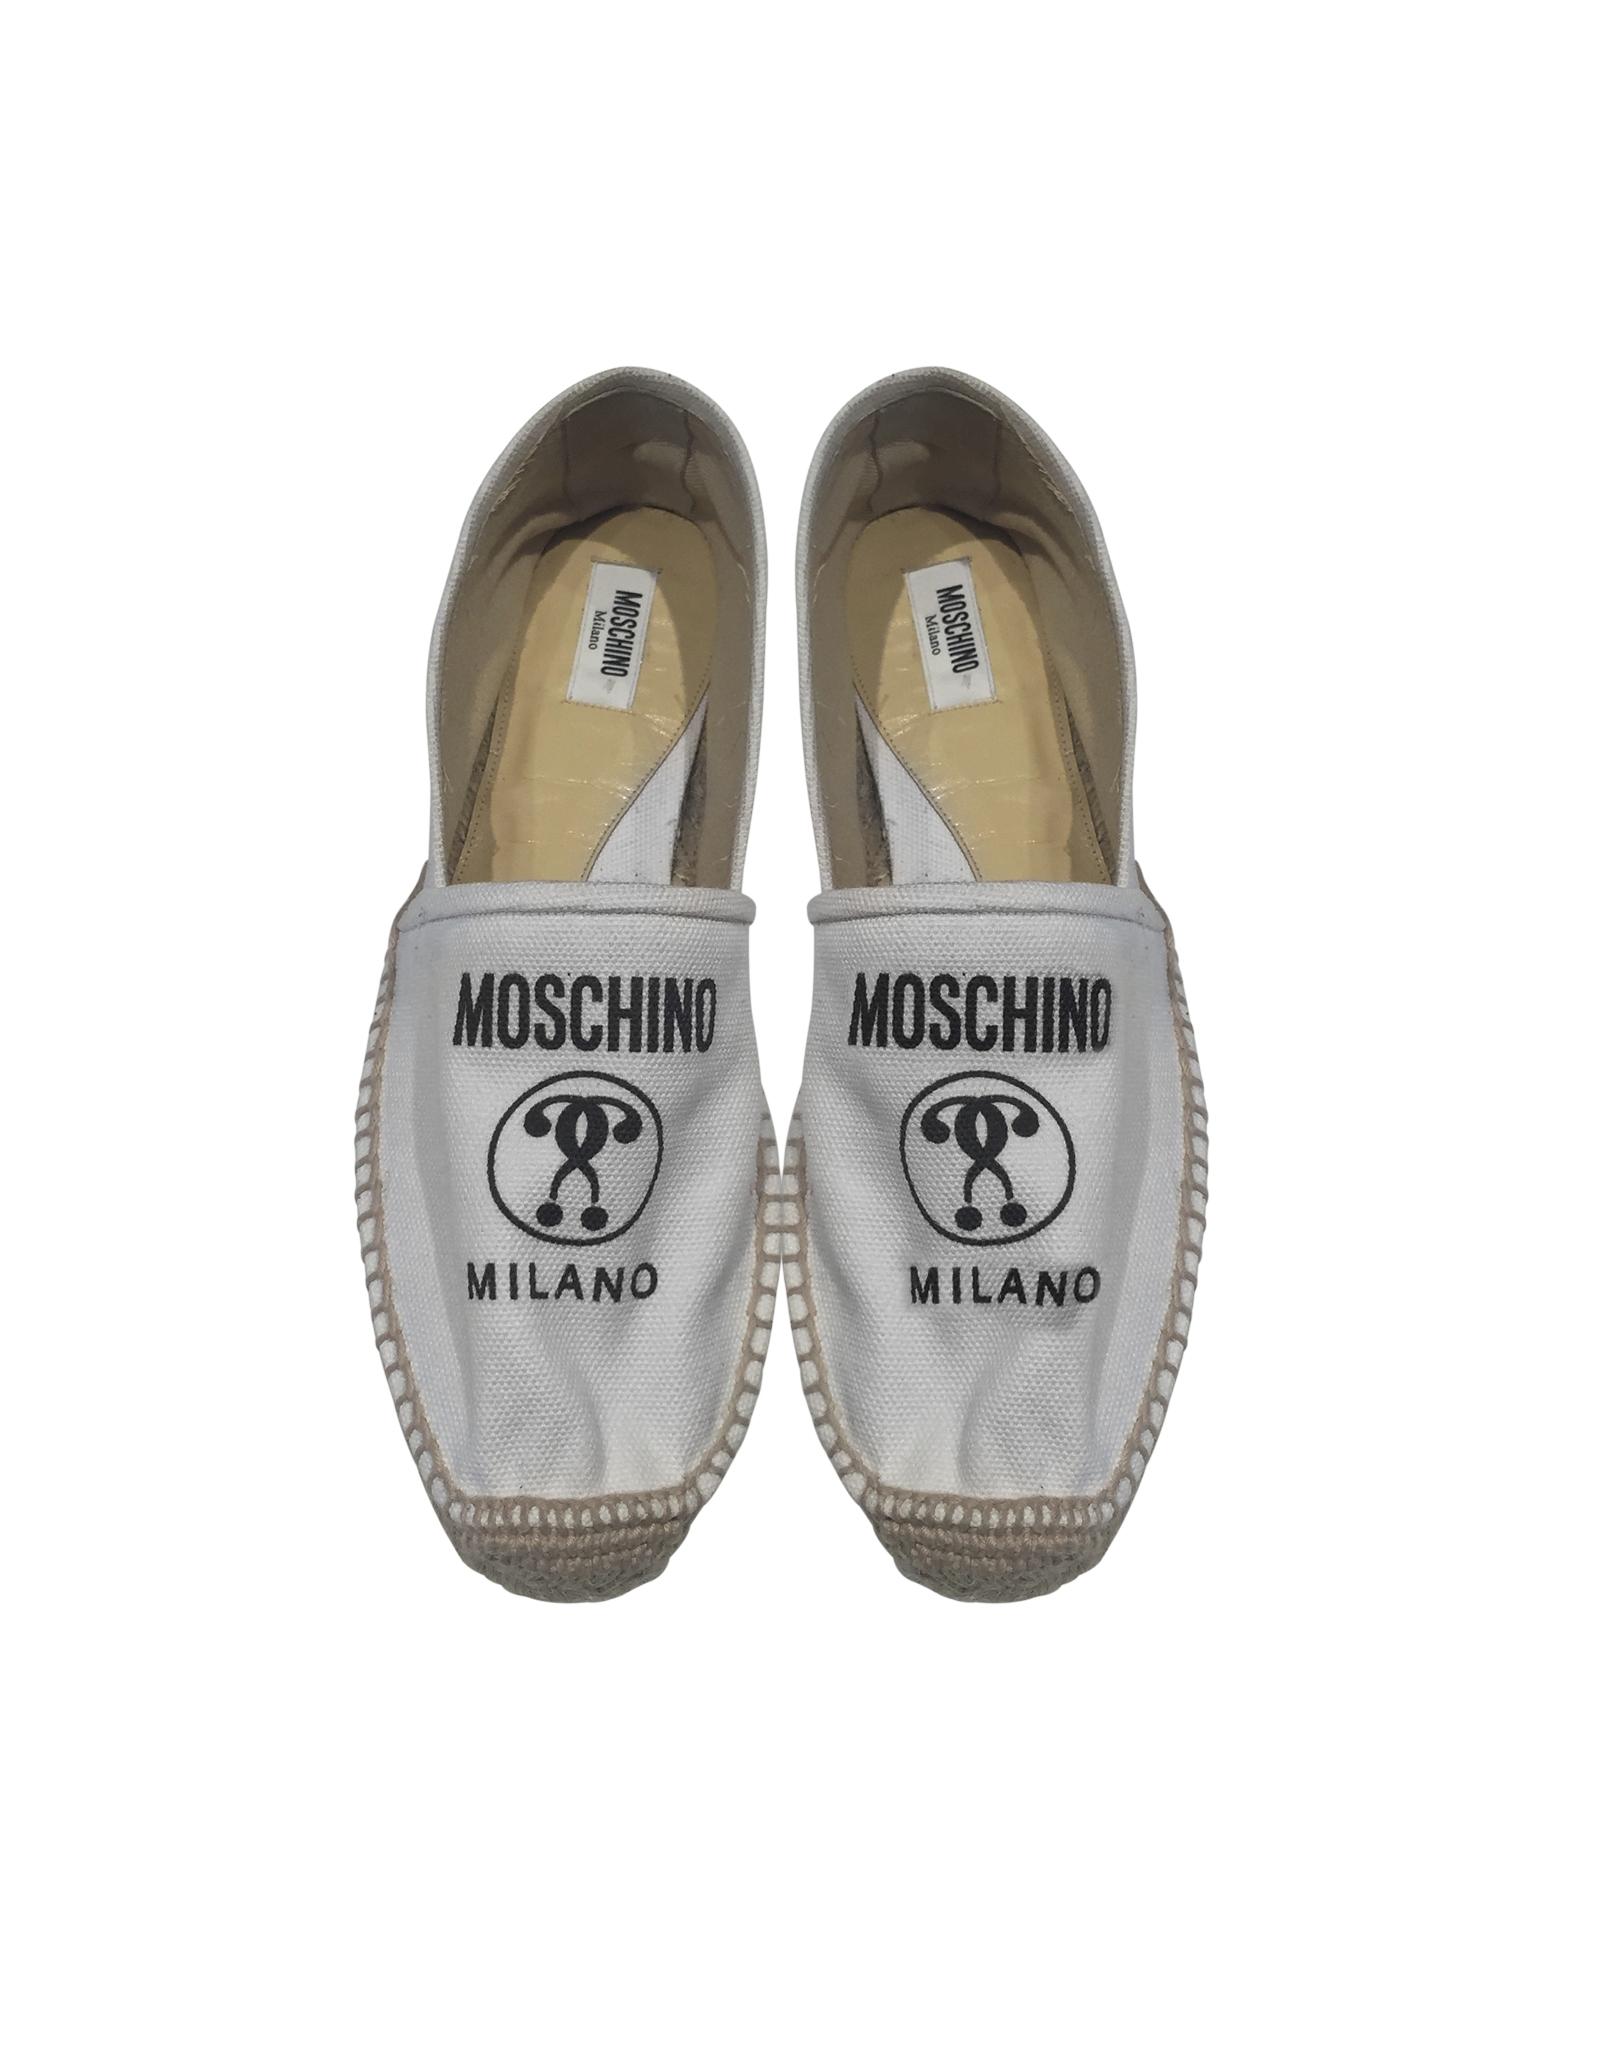 9fbd3735e Moschino White Signature Espadrilles in White - Lyst